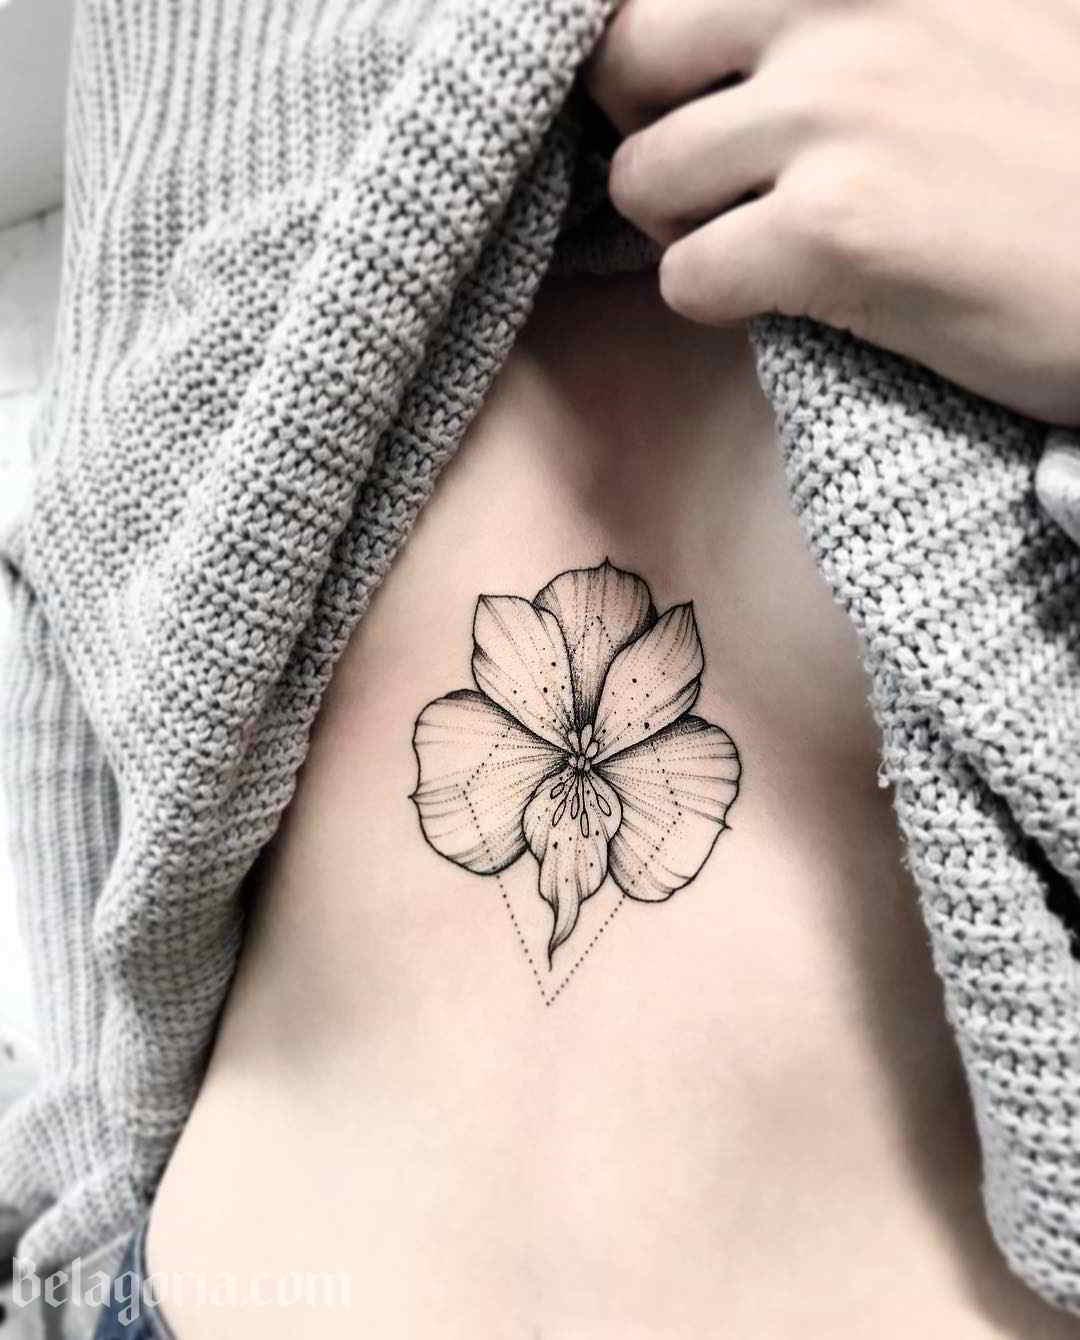 Imagen de un tatuaje femenino de orquidea